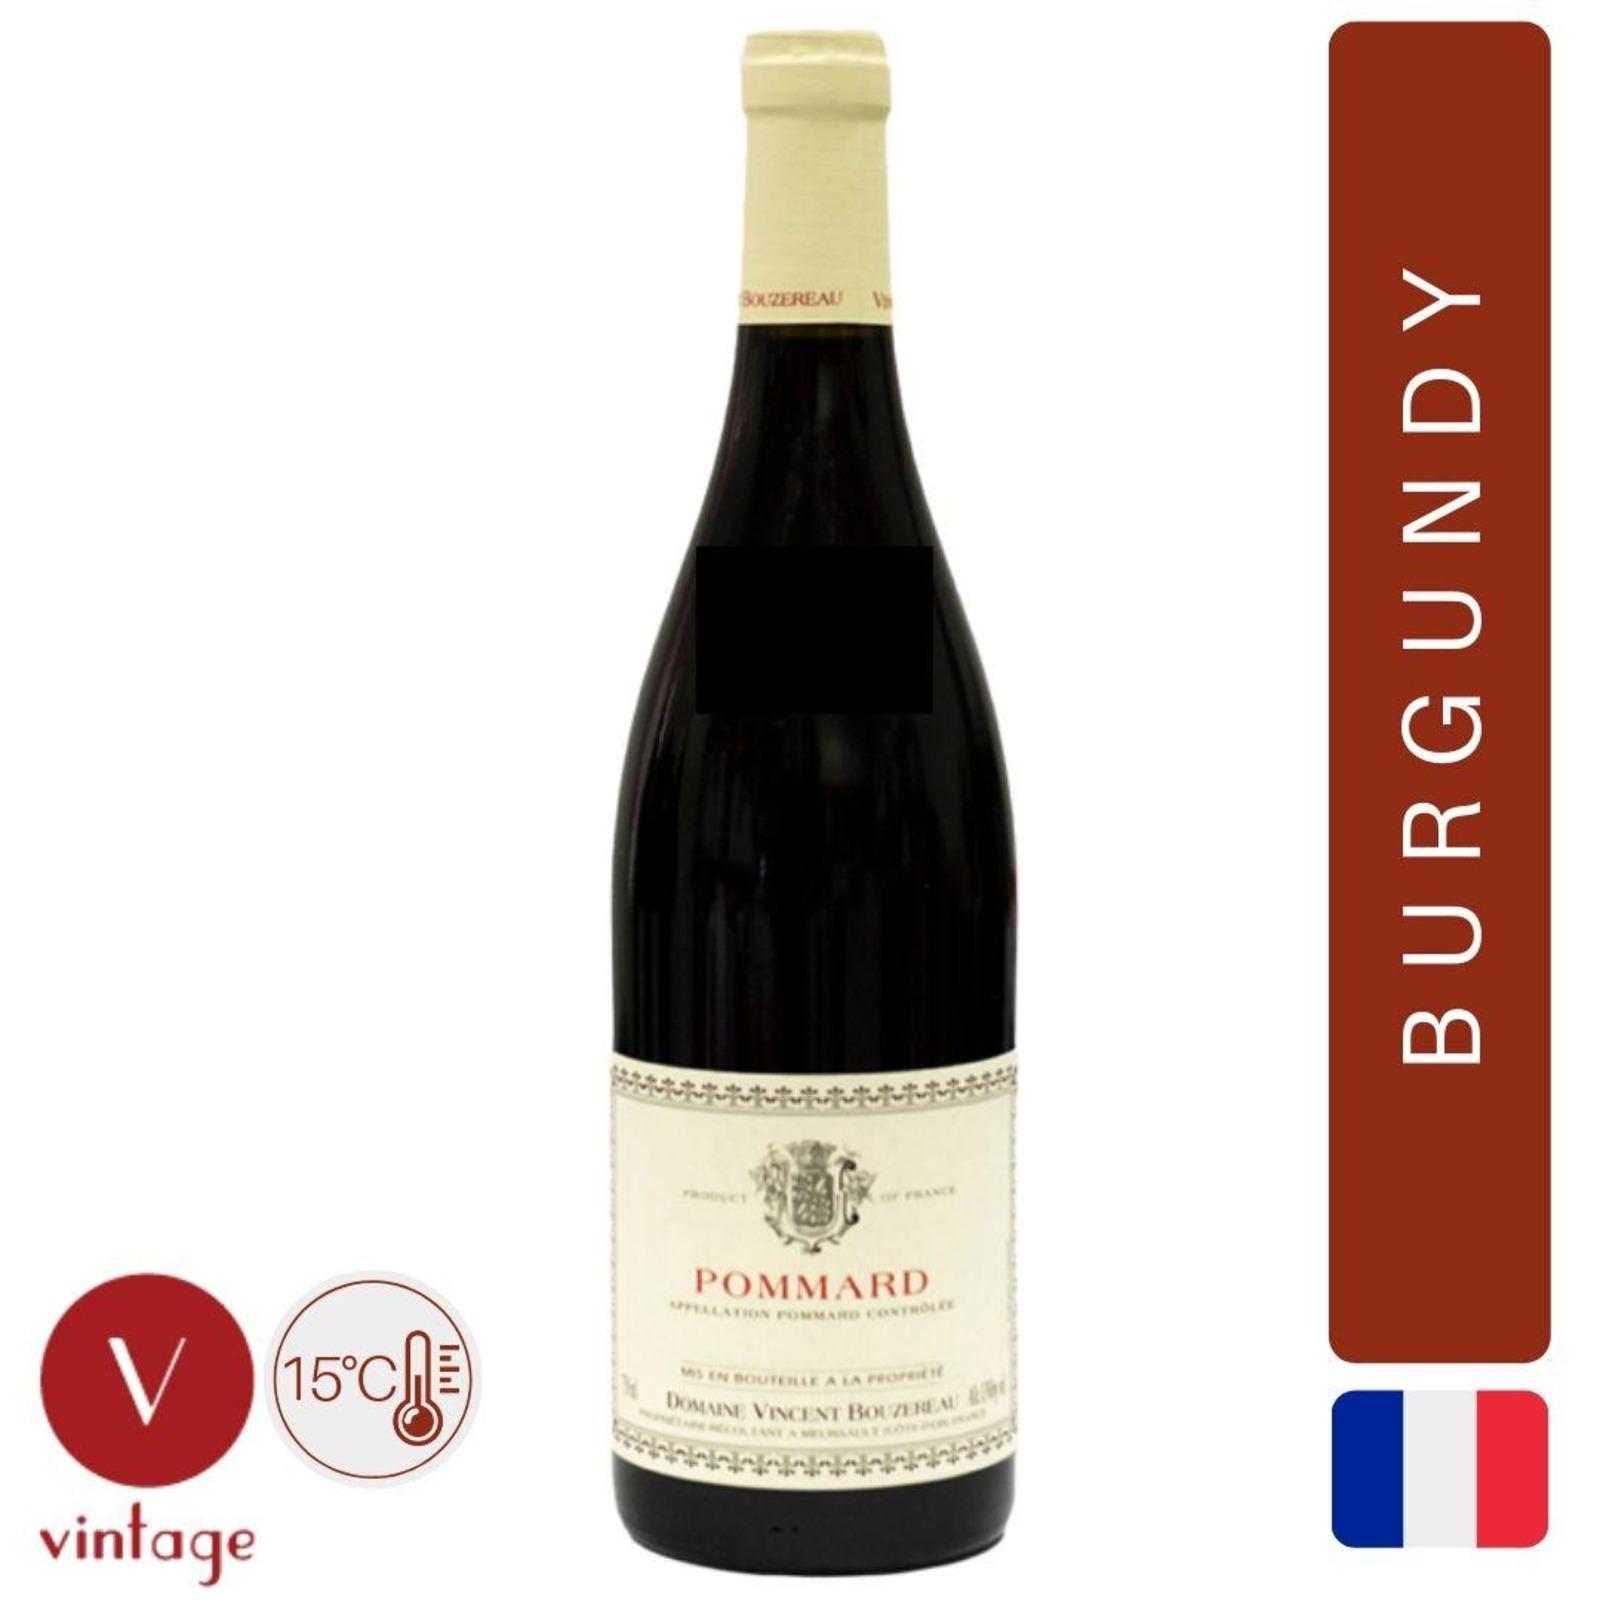 Domaine Vincent Bouzereau - Pommard - Burgundy Pinot Noir